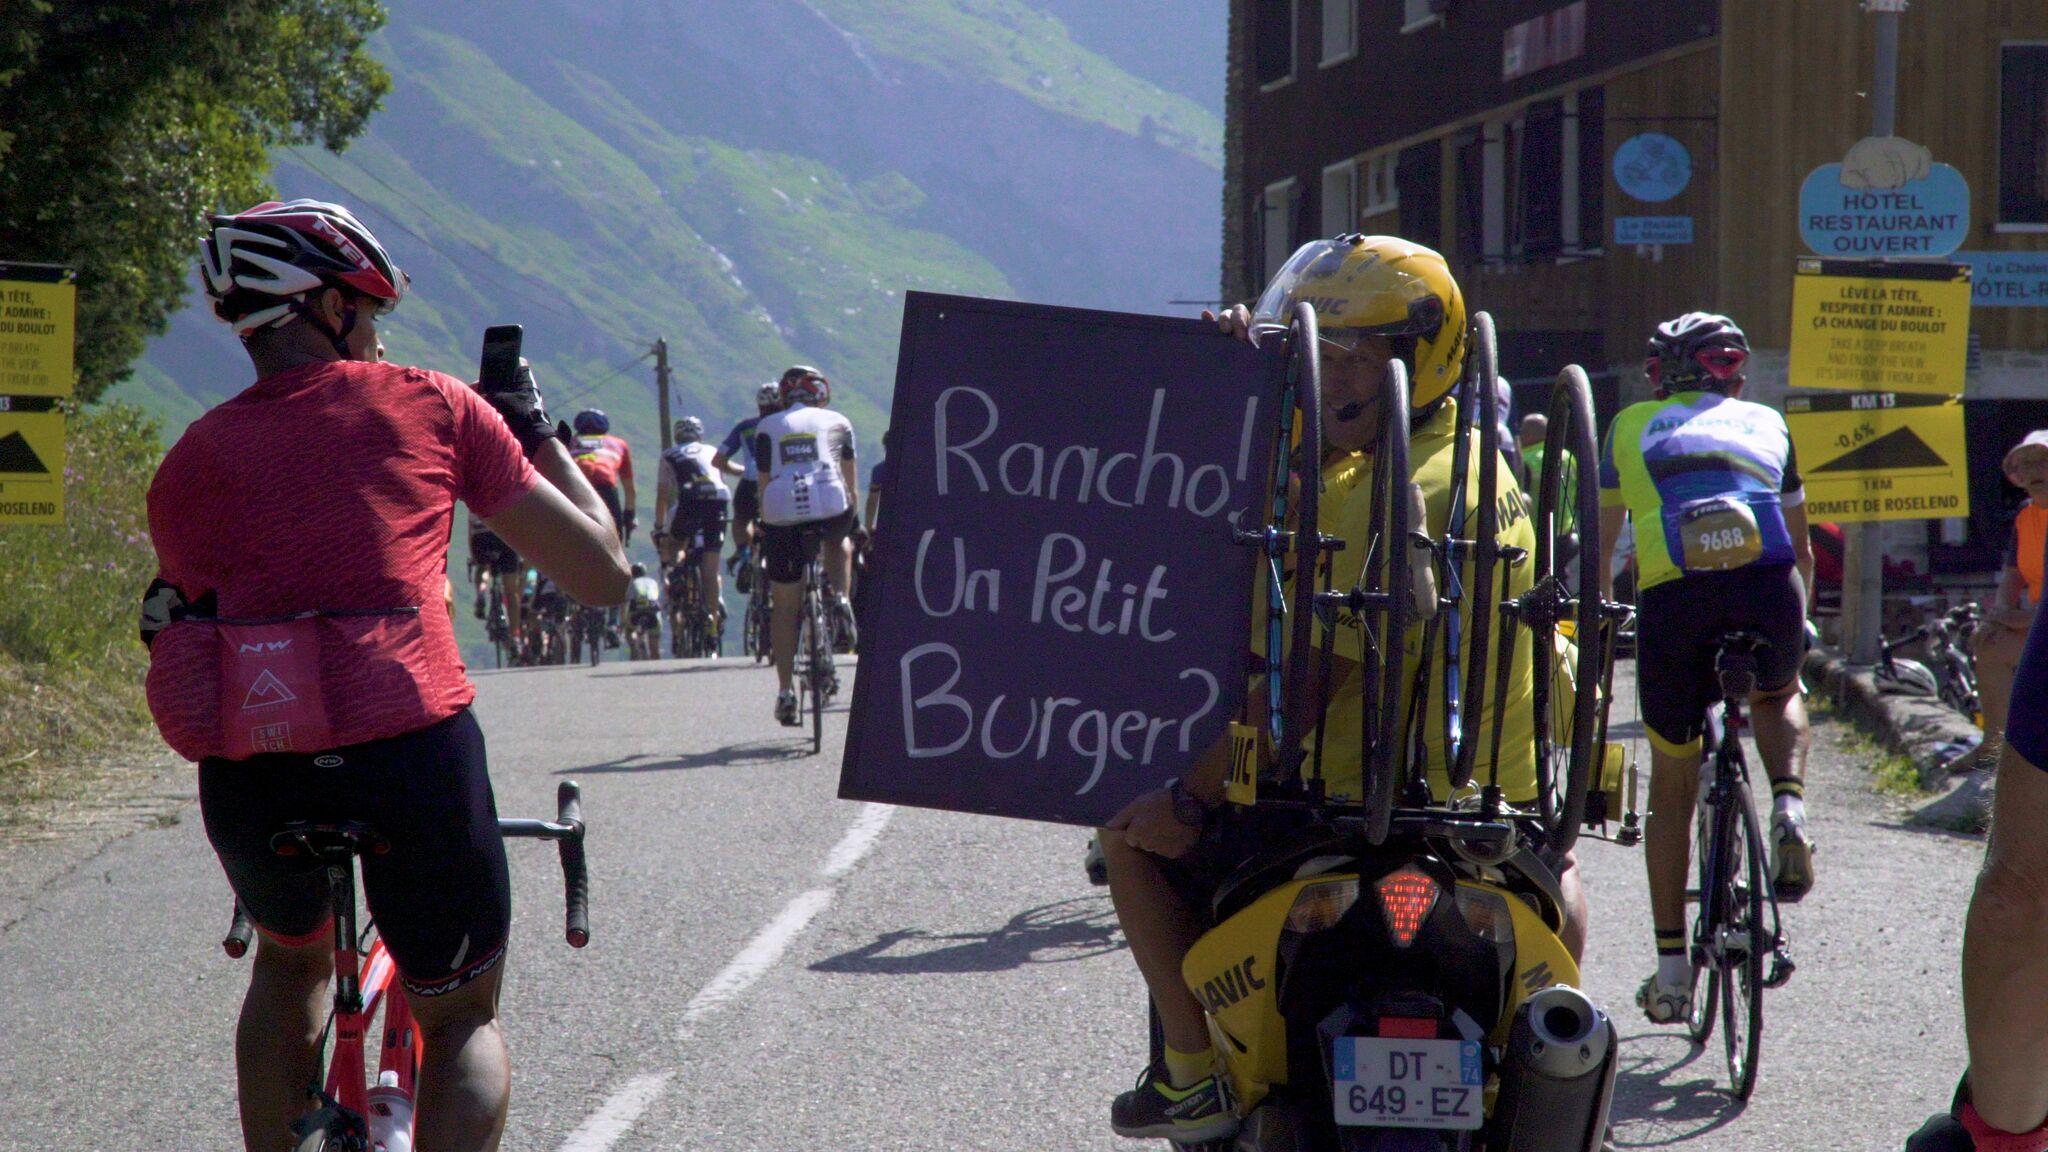 Rancho un petit burger ?